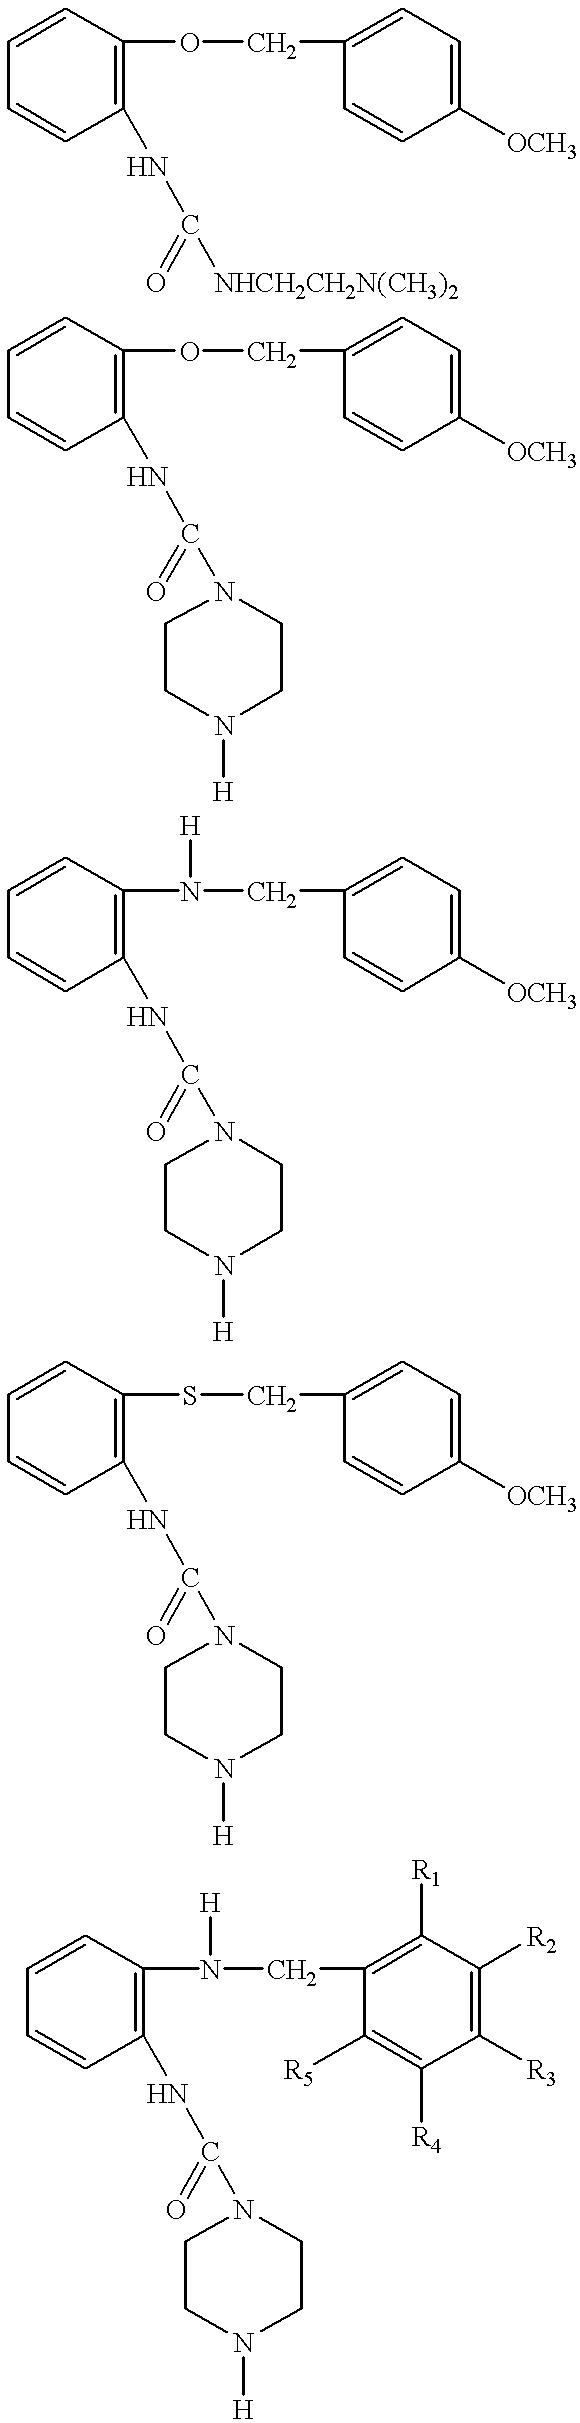 Figure US06541479-20030401-C00013